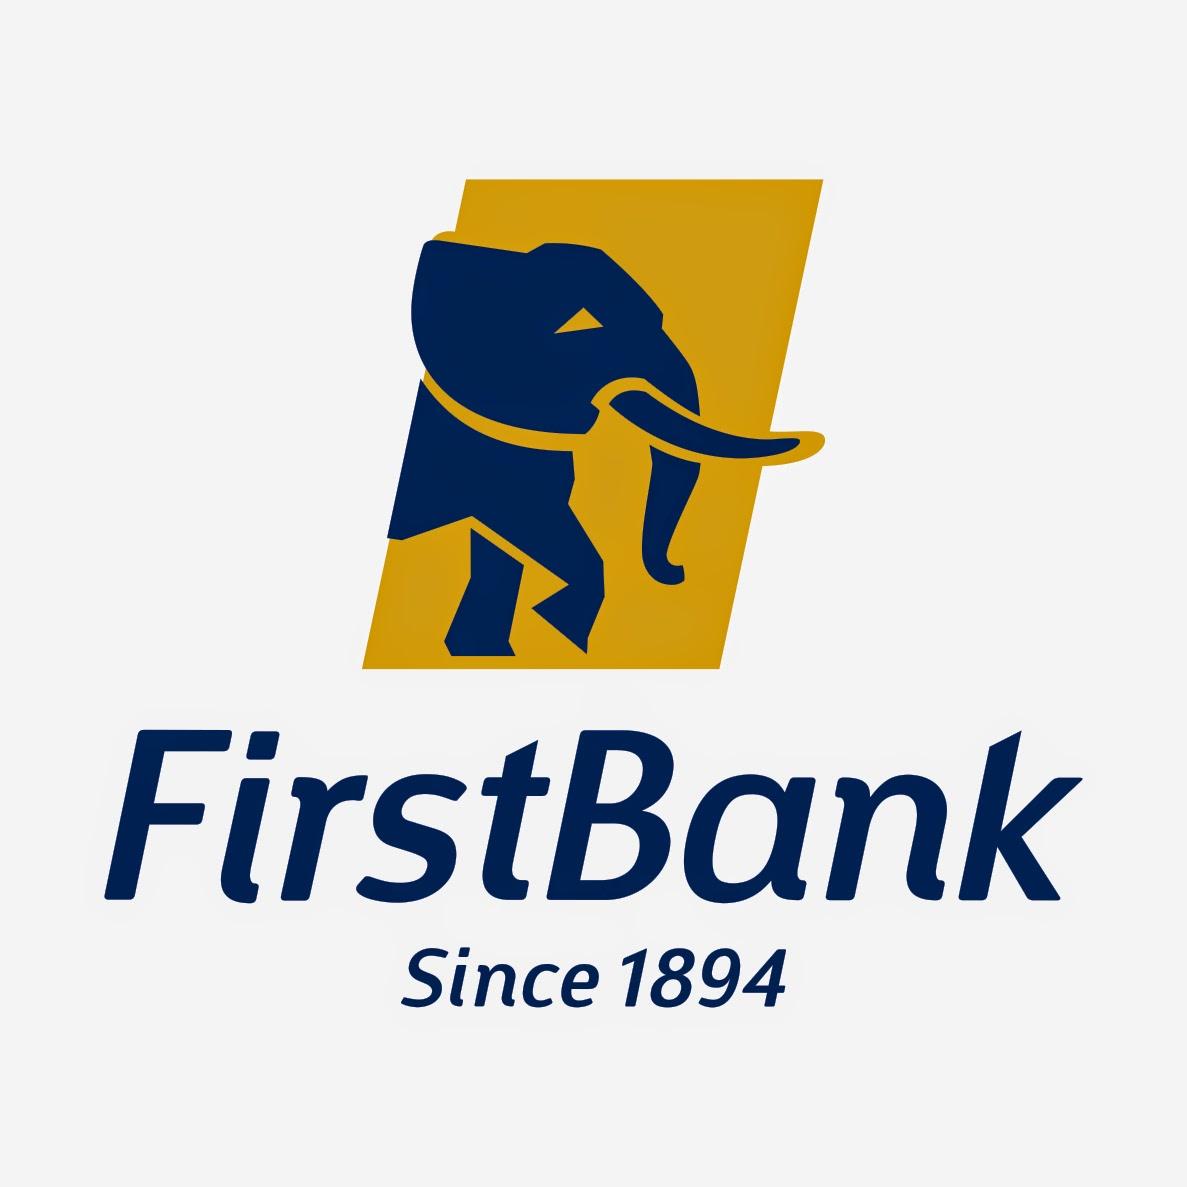 First Bank of Nigeria Management Associate Programme 2017